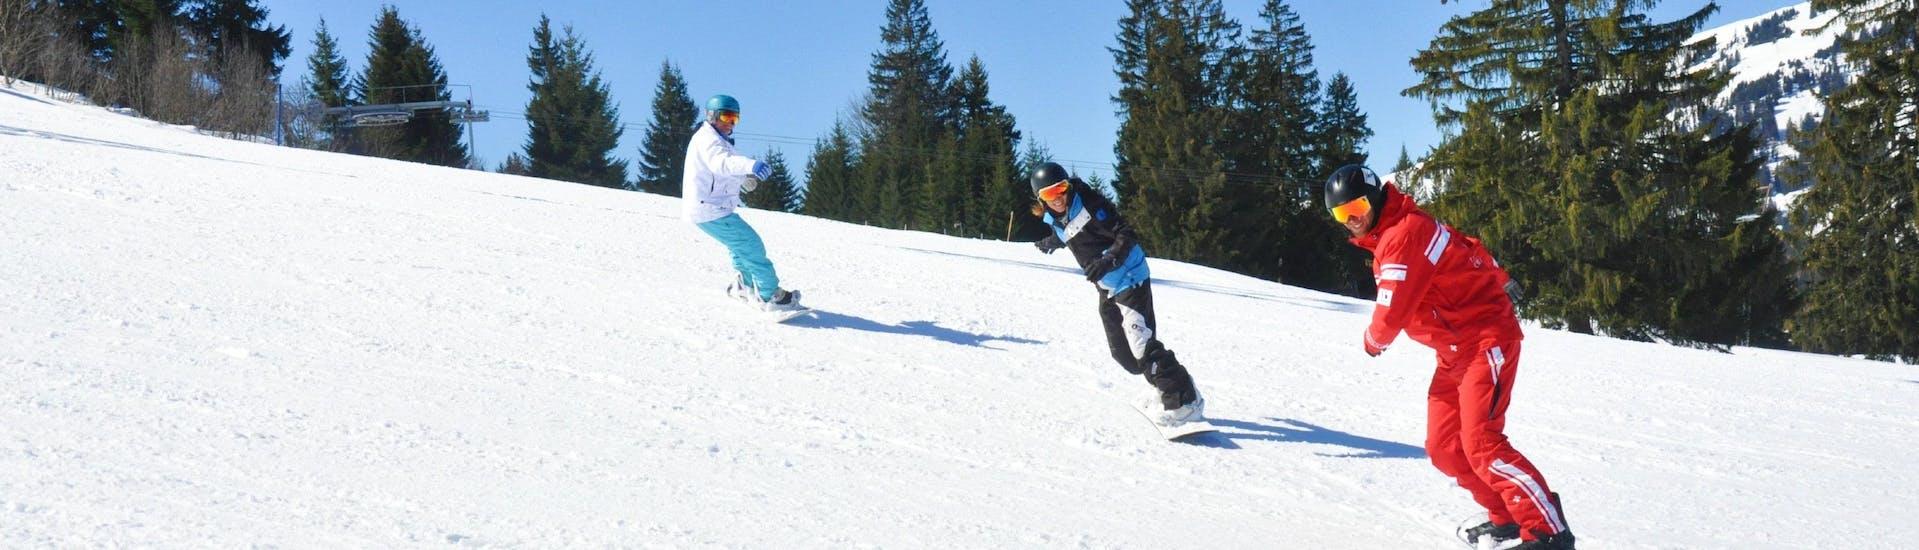 Les snowboardeurs suivent leur moniteur de snowboard sur la piste pendant leur Cours particulier de snowboard pour Tous niveaux avec l'école de ski ESS Château d'Oex.